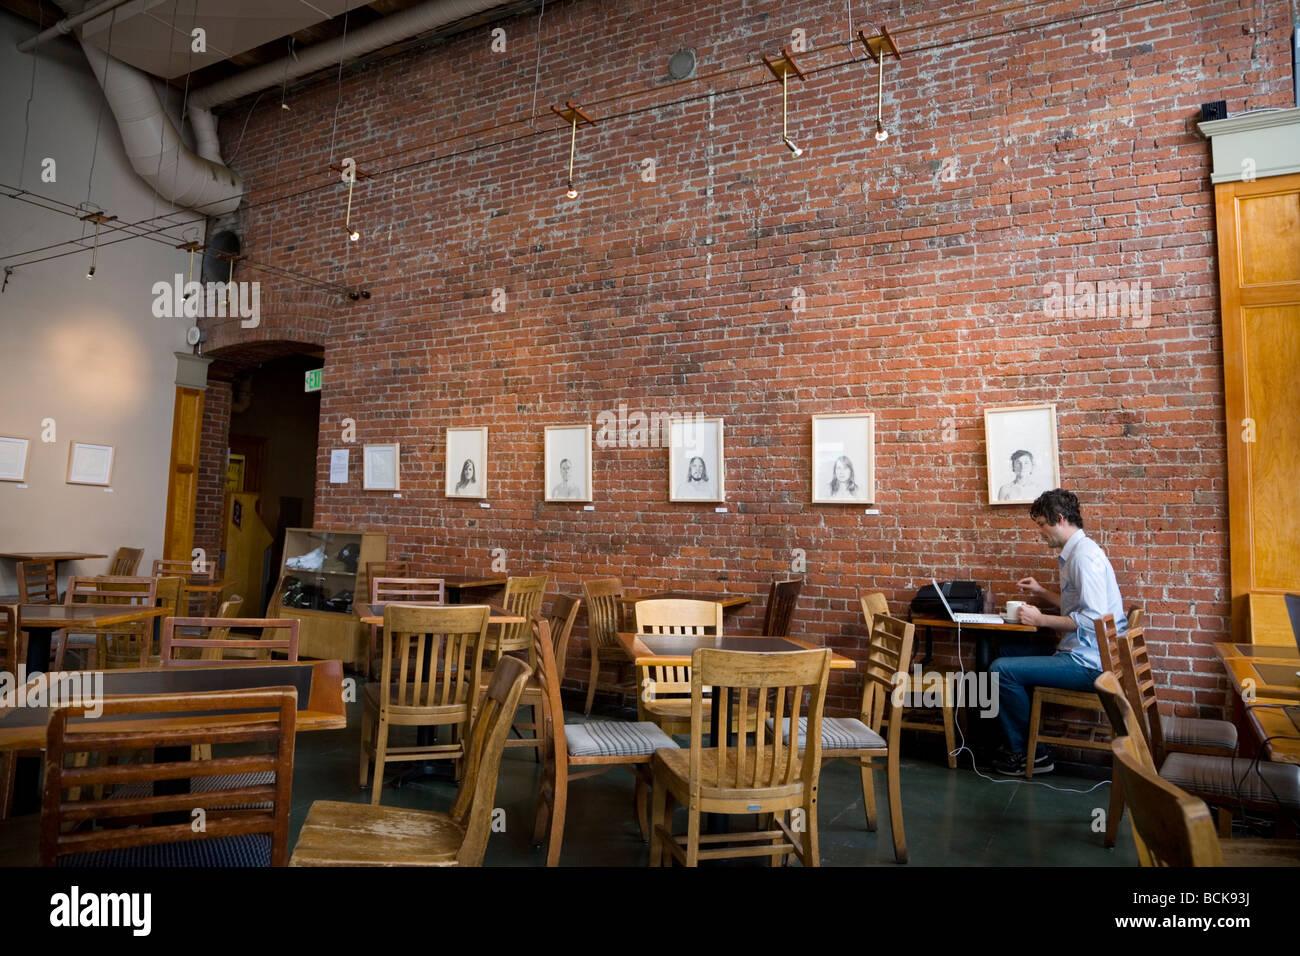 Man With Laptop At Zeitgeist Coffee Shop Interior In